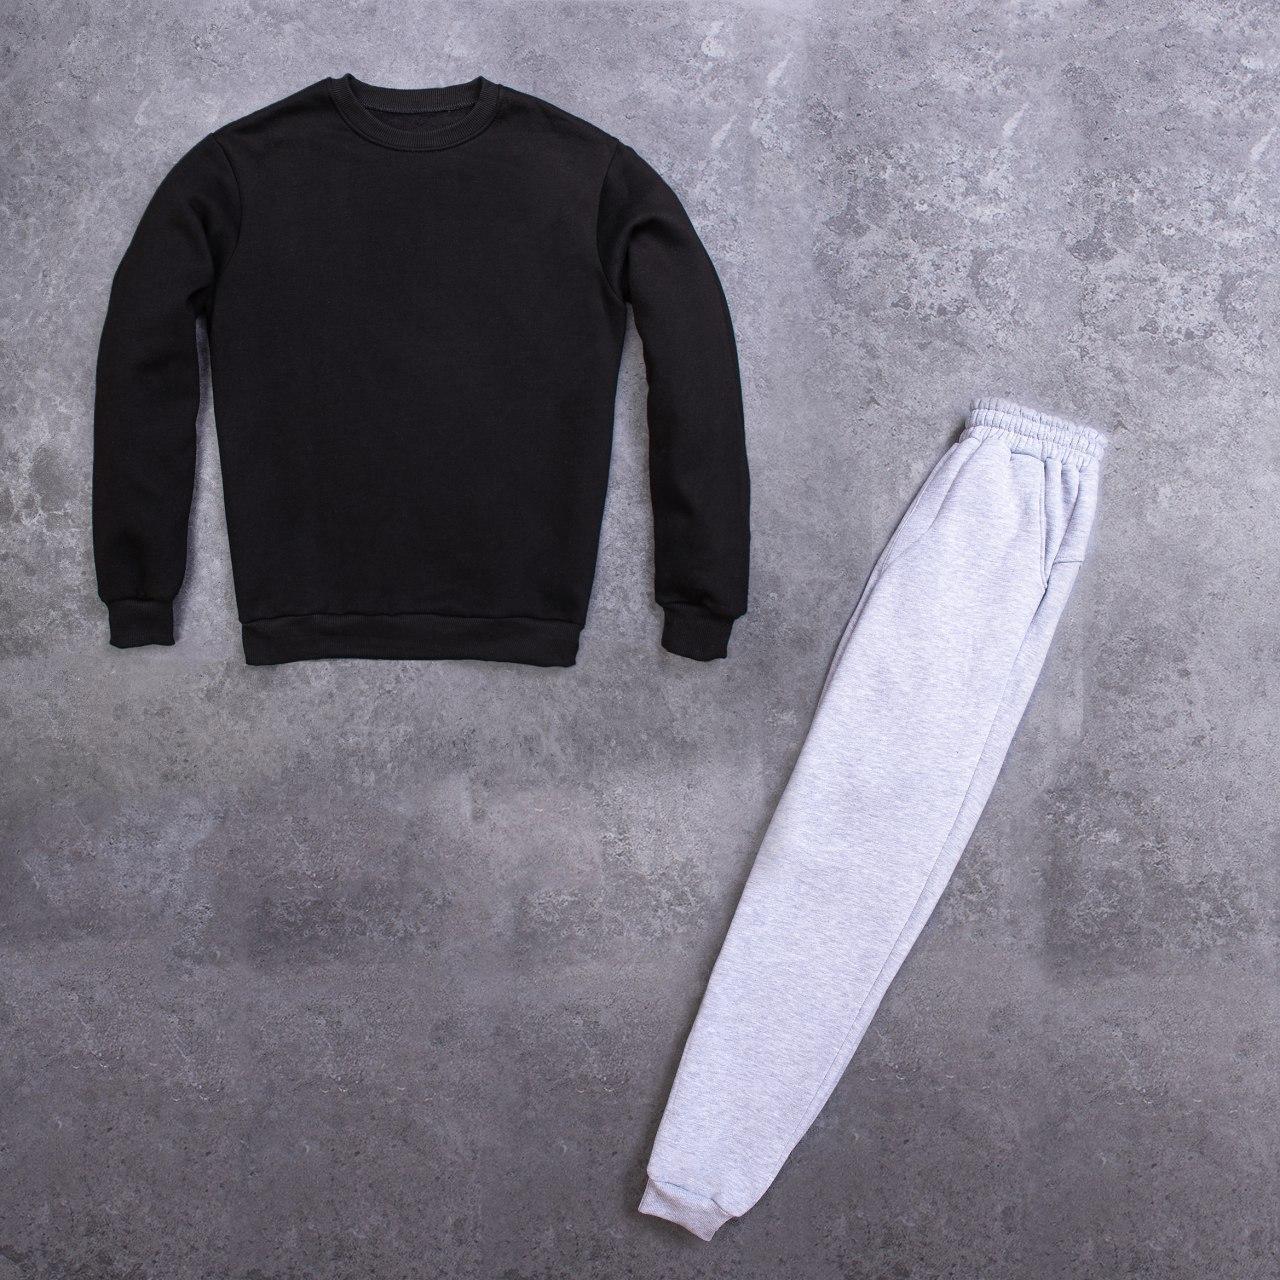 Мужской зимний спортивный костюм 99 Pobedov (черный с серым)